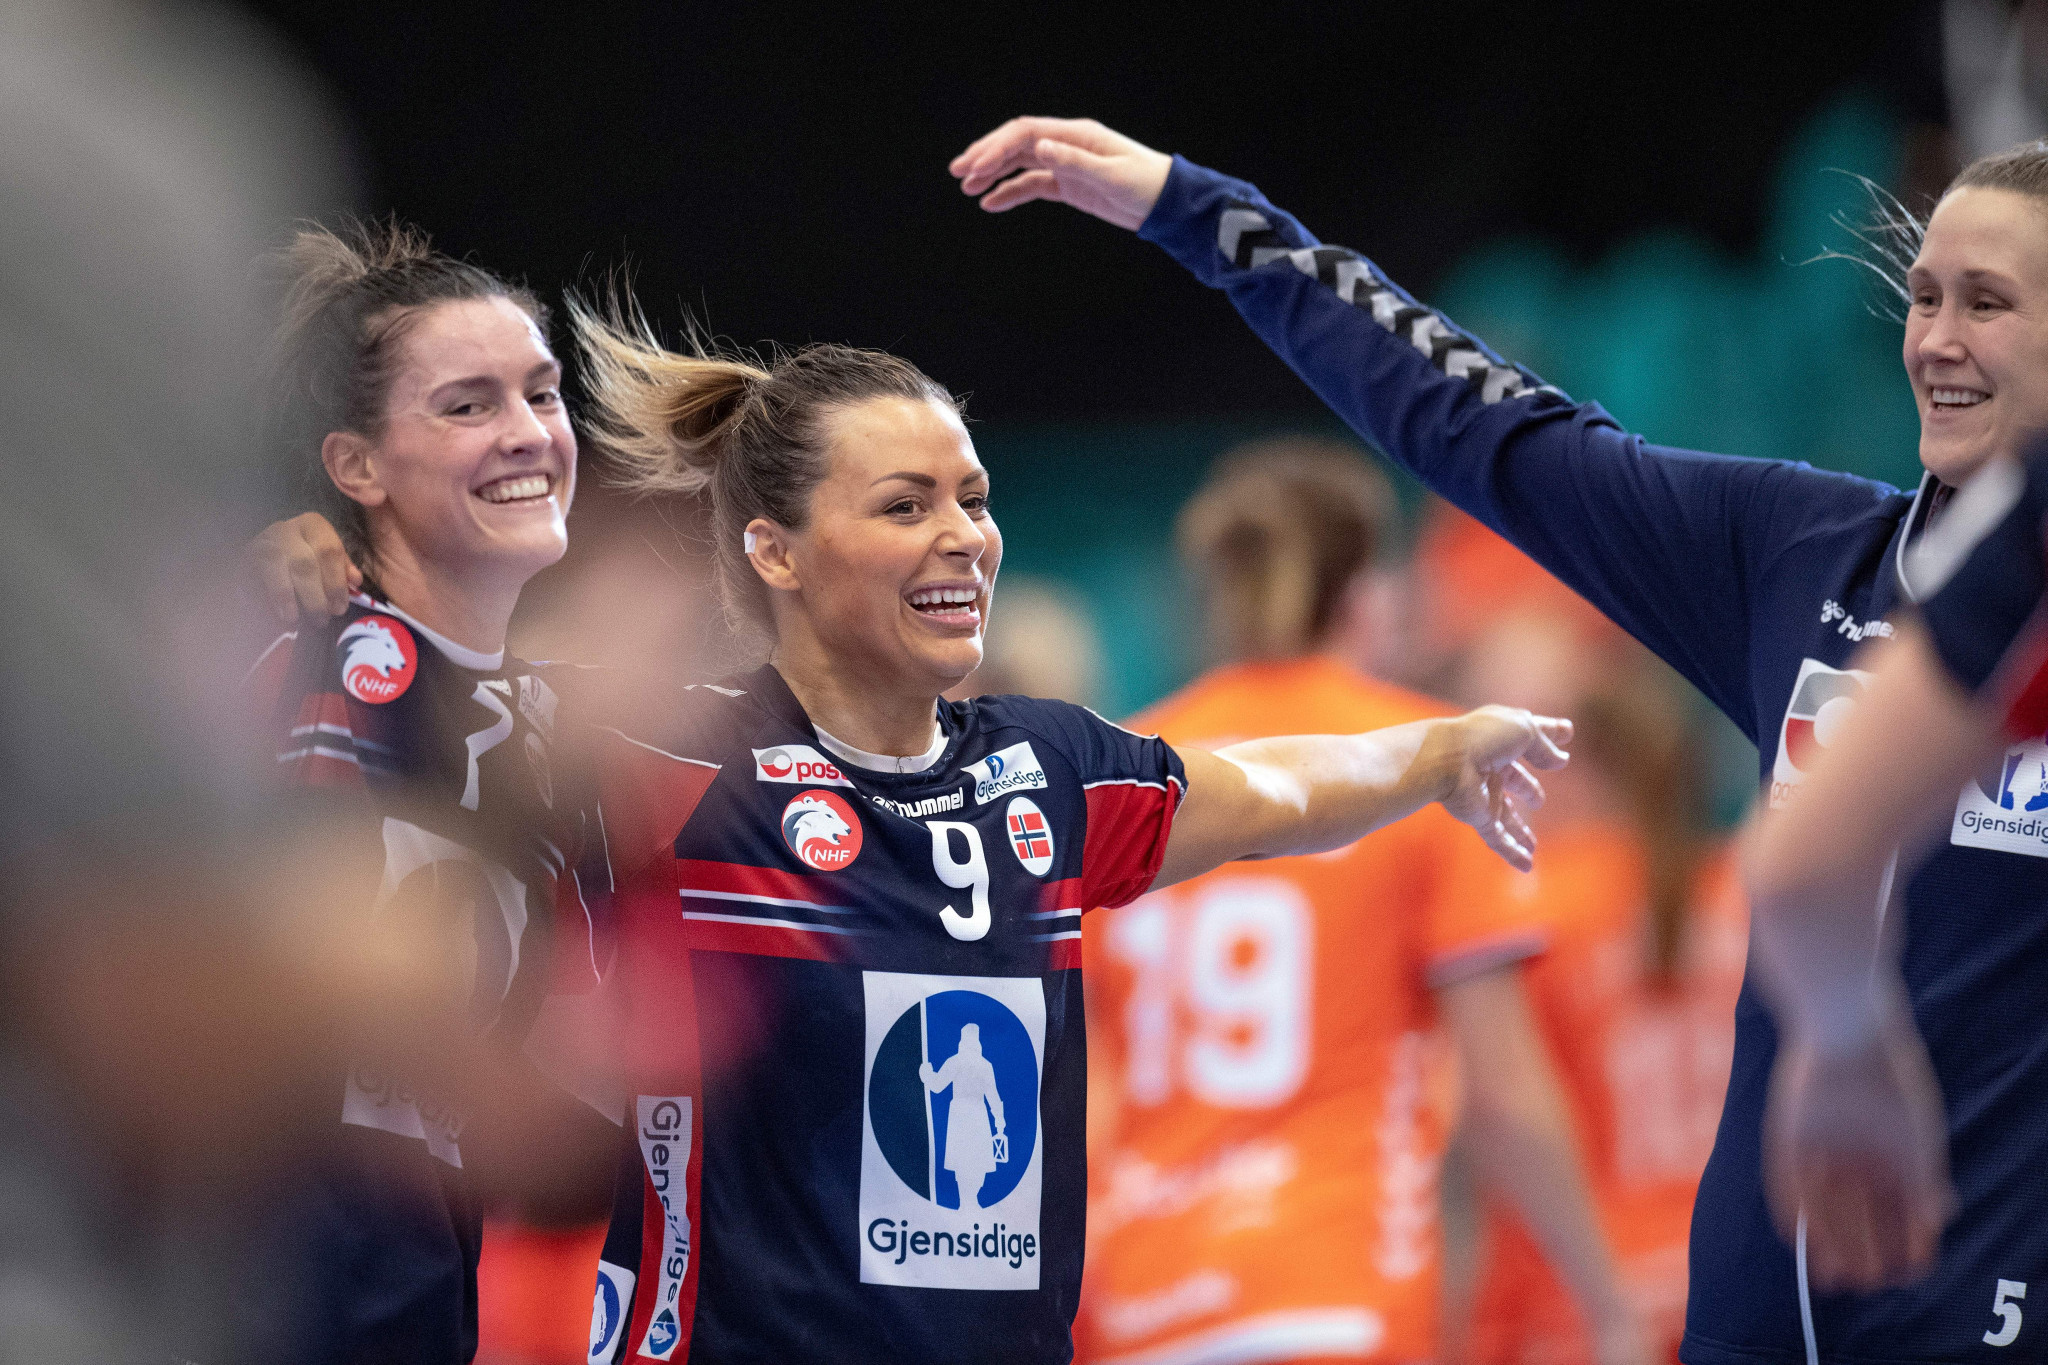 Nora Mark je na tekmi dosegla 30 najboljših golov © Getty Images